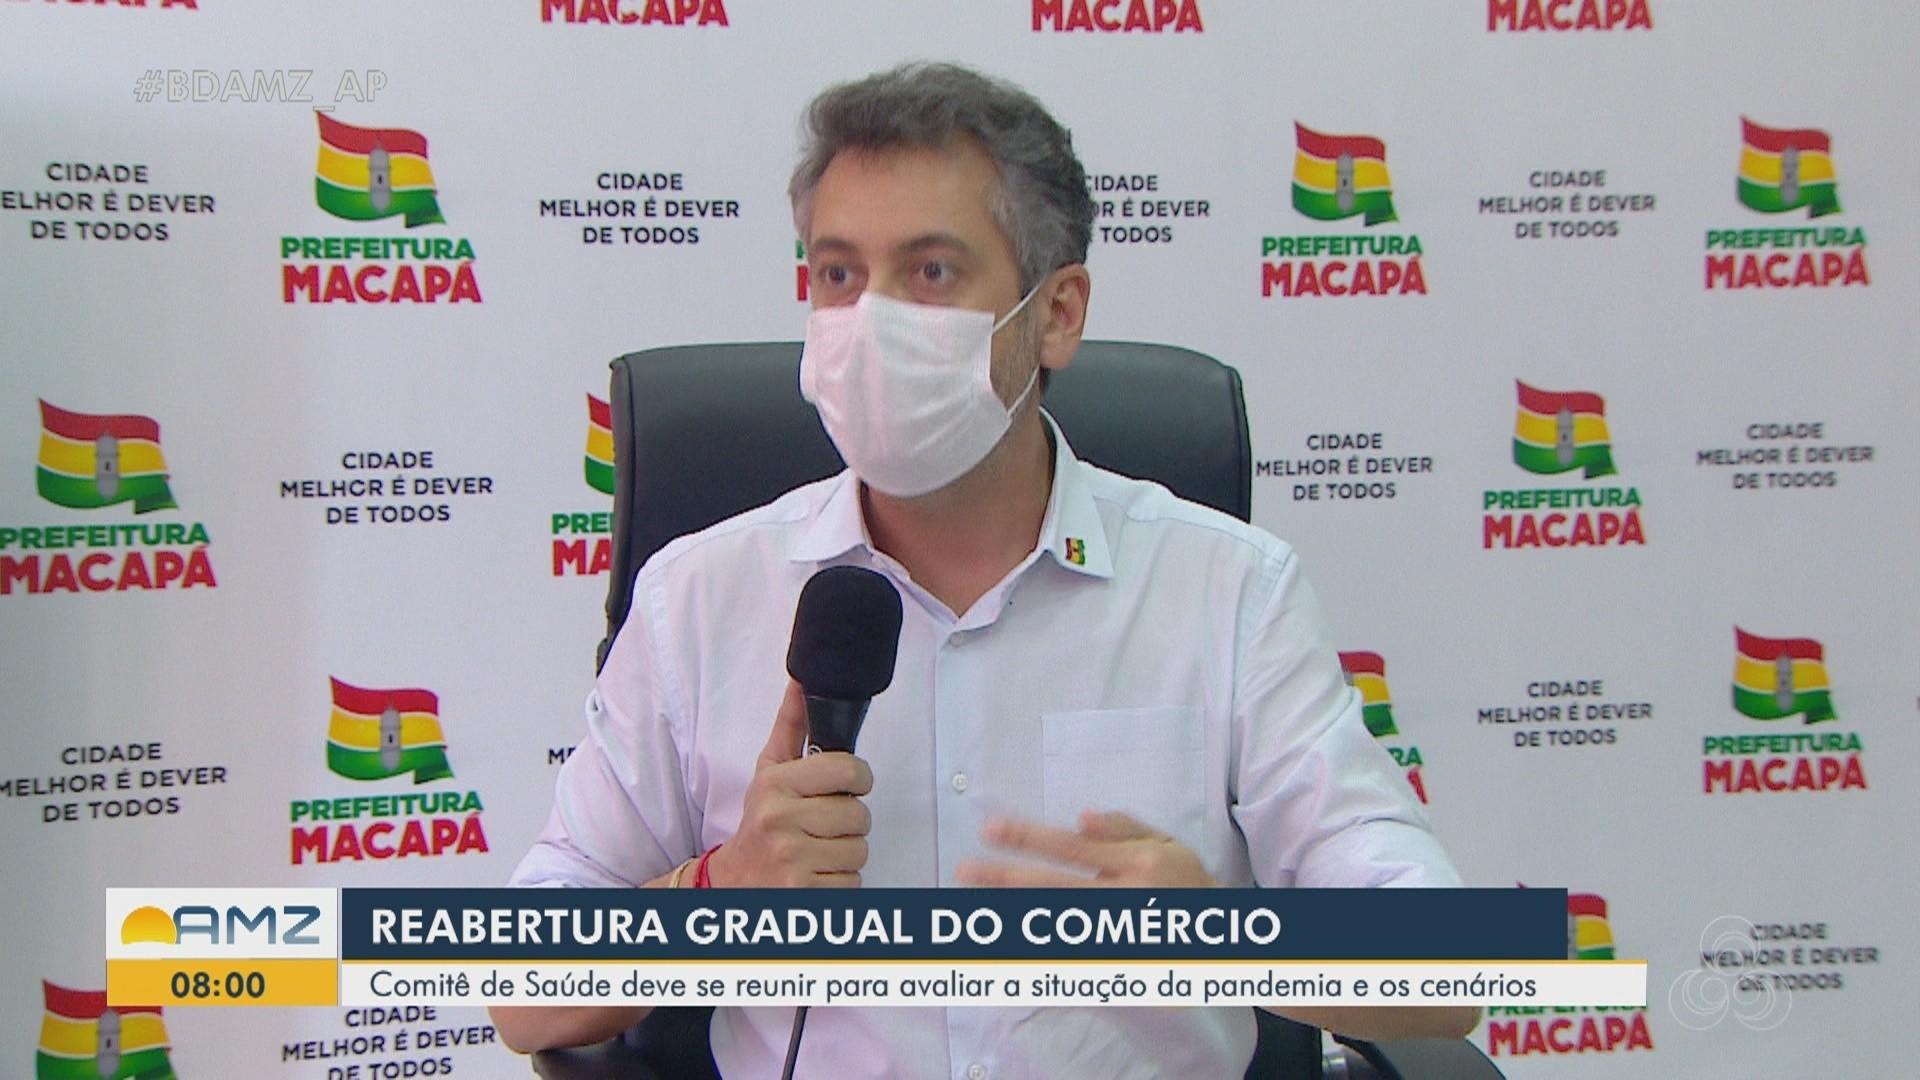 VÍDEOS: Bom Dia Amazônia - AP de sexta-feira, 5 de junho